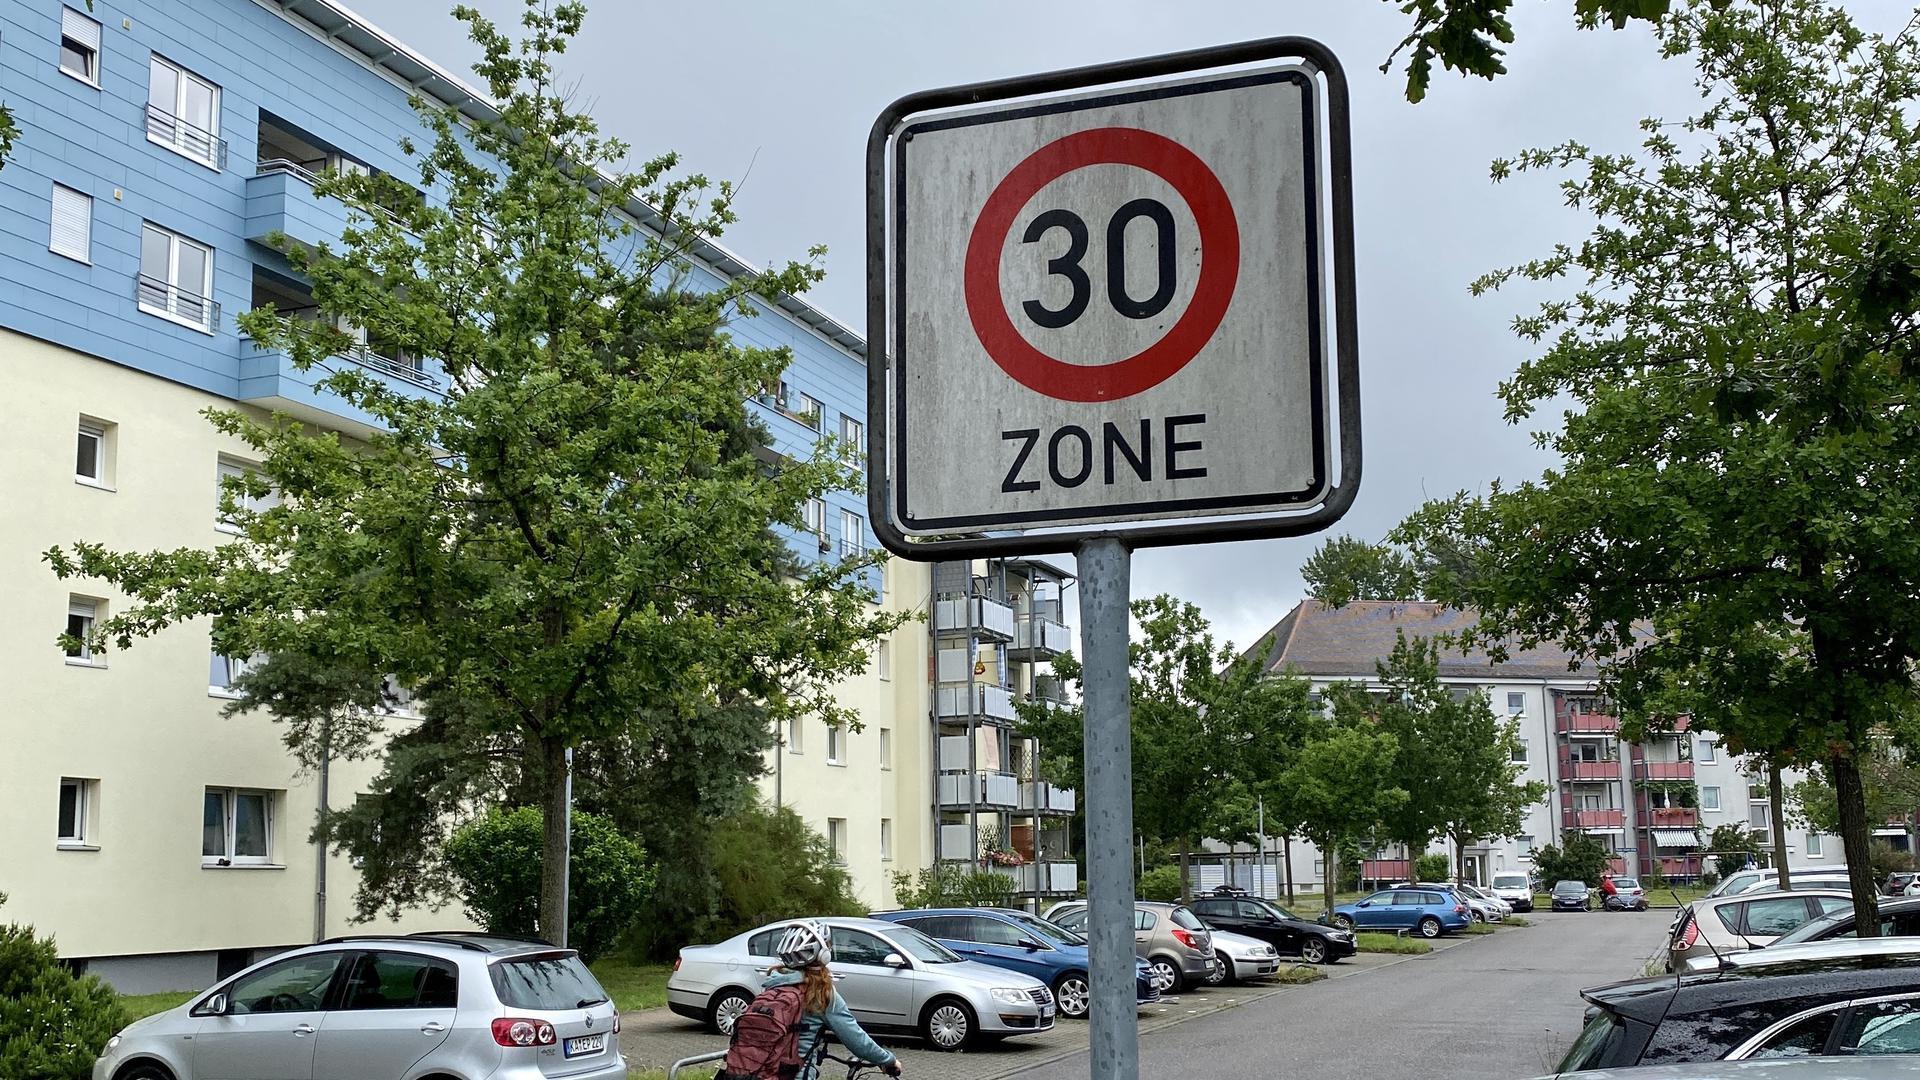 Mischverkehr: In Tempo-30-Zonen fahren Fahrradfahrer gemeinsam mit Autos auf der Straße. Eigene Radwege gibt es hier in der Regel nicht.